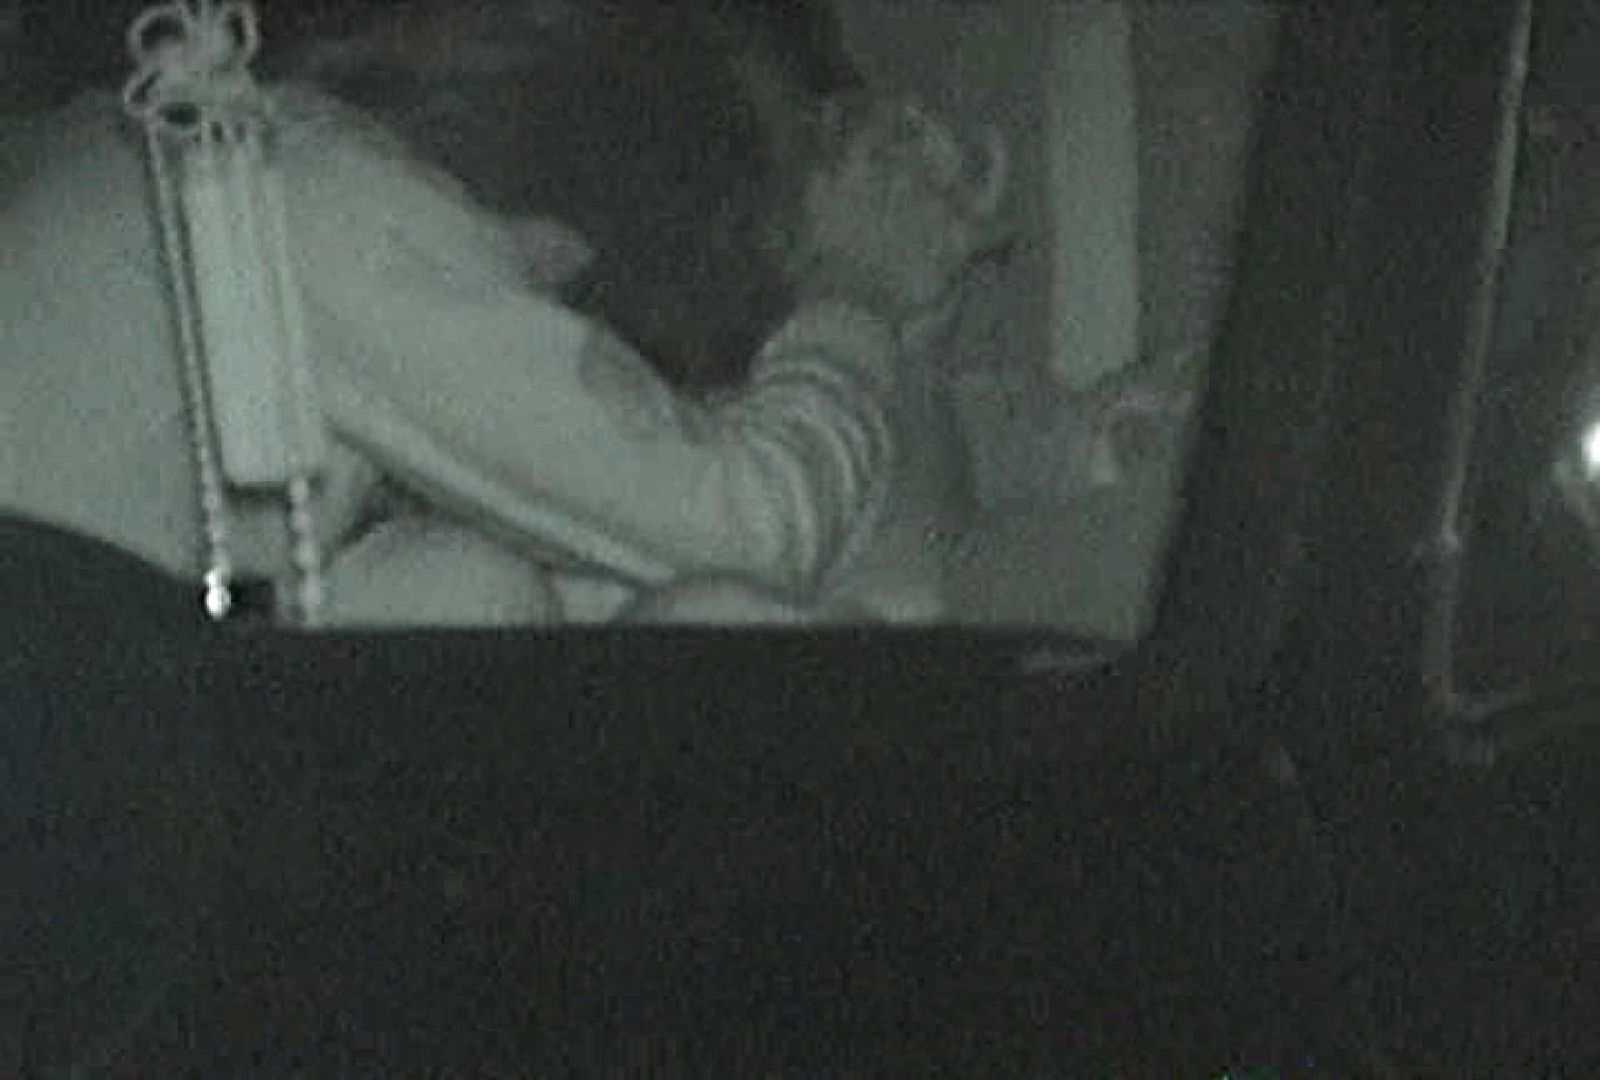 充血監督の深夜の運動会Vol.61 おっぱい 盗撮オメコ無修正動画無料 53画像 23